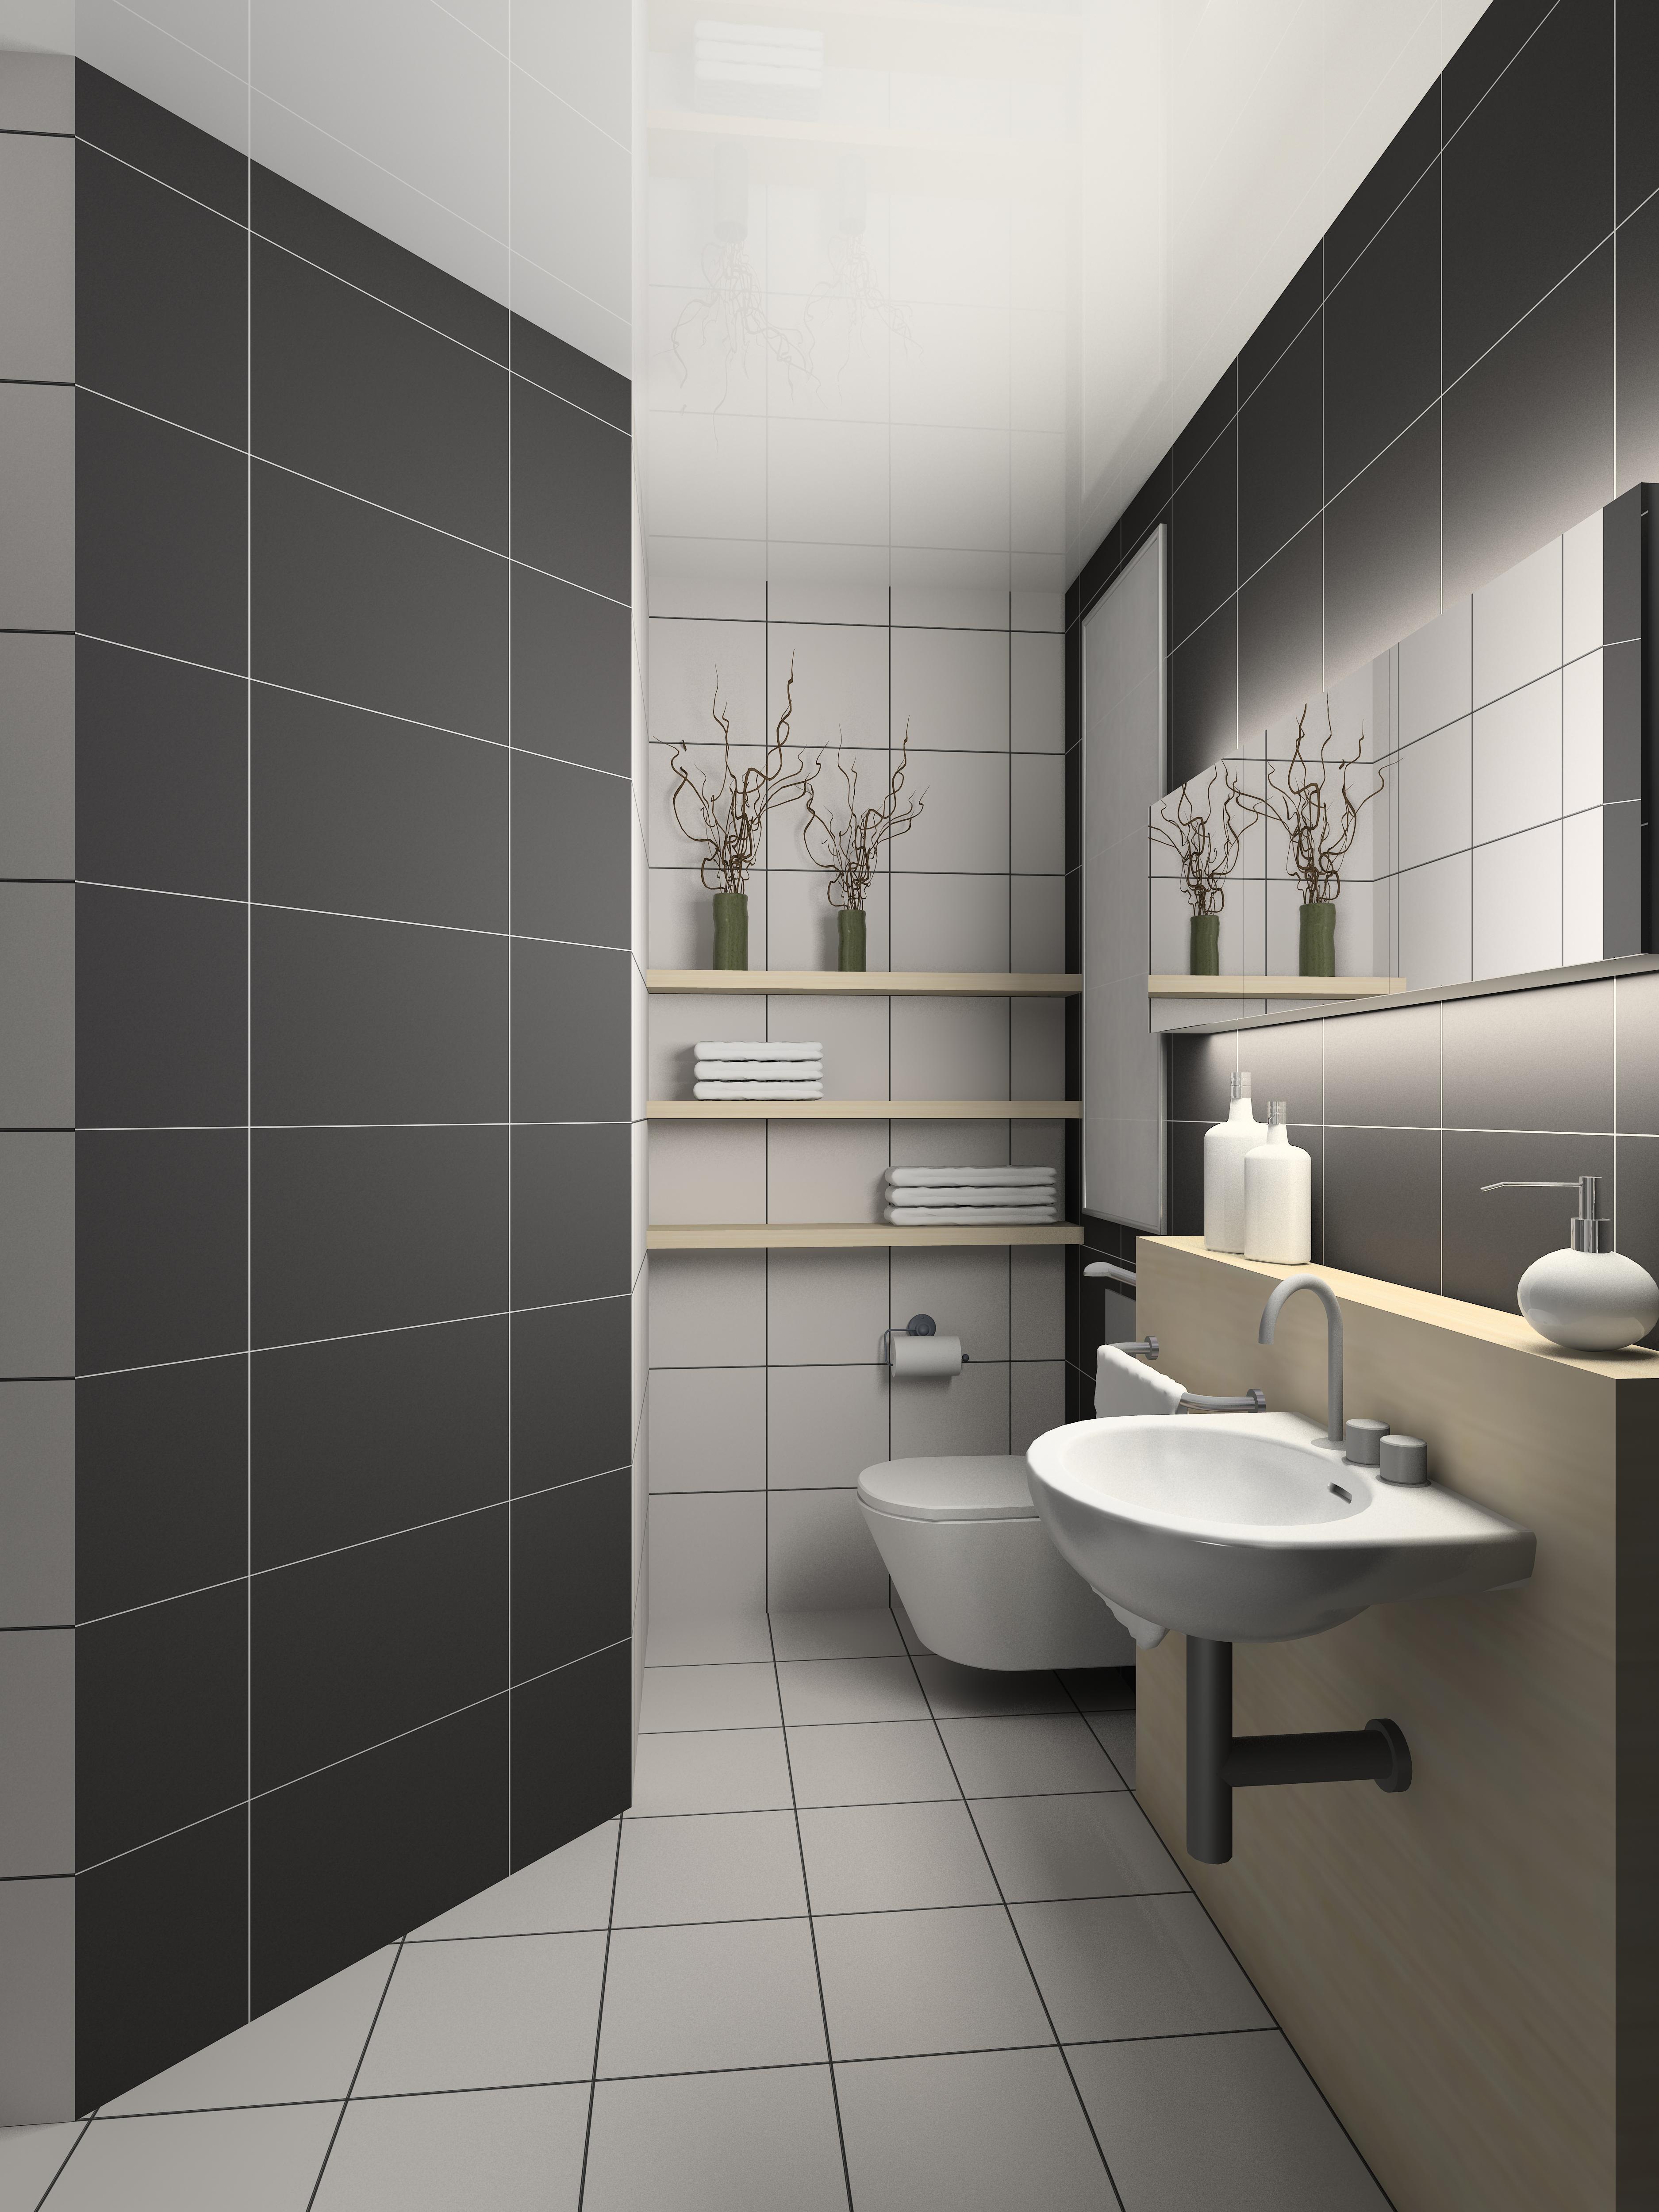 Remodela es de casas de banho city obras for Progettare un bagno in 3d gratis